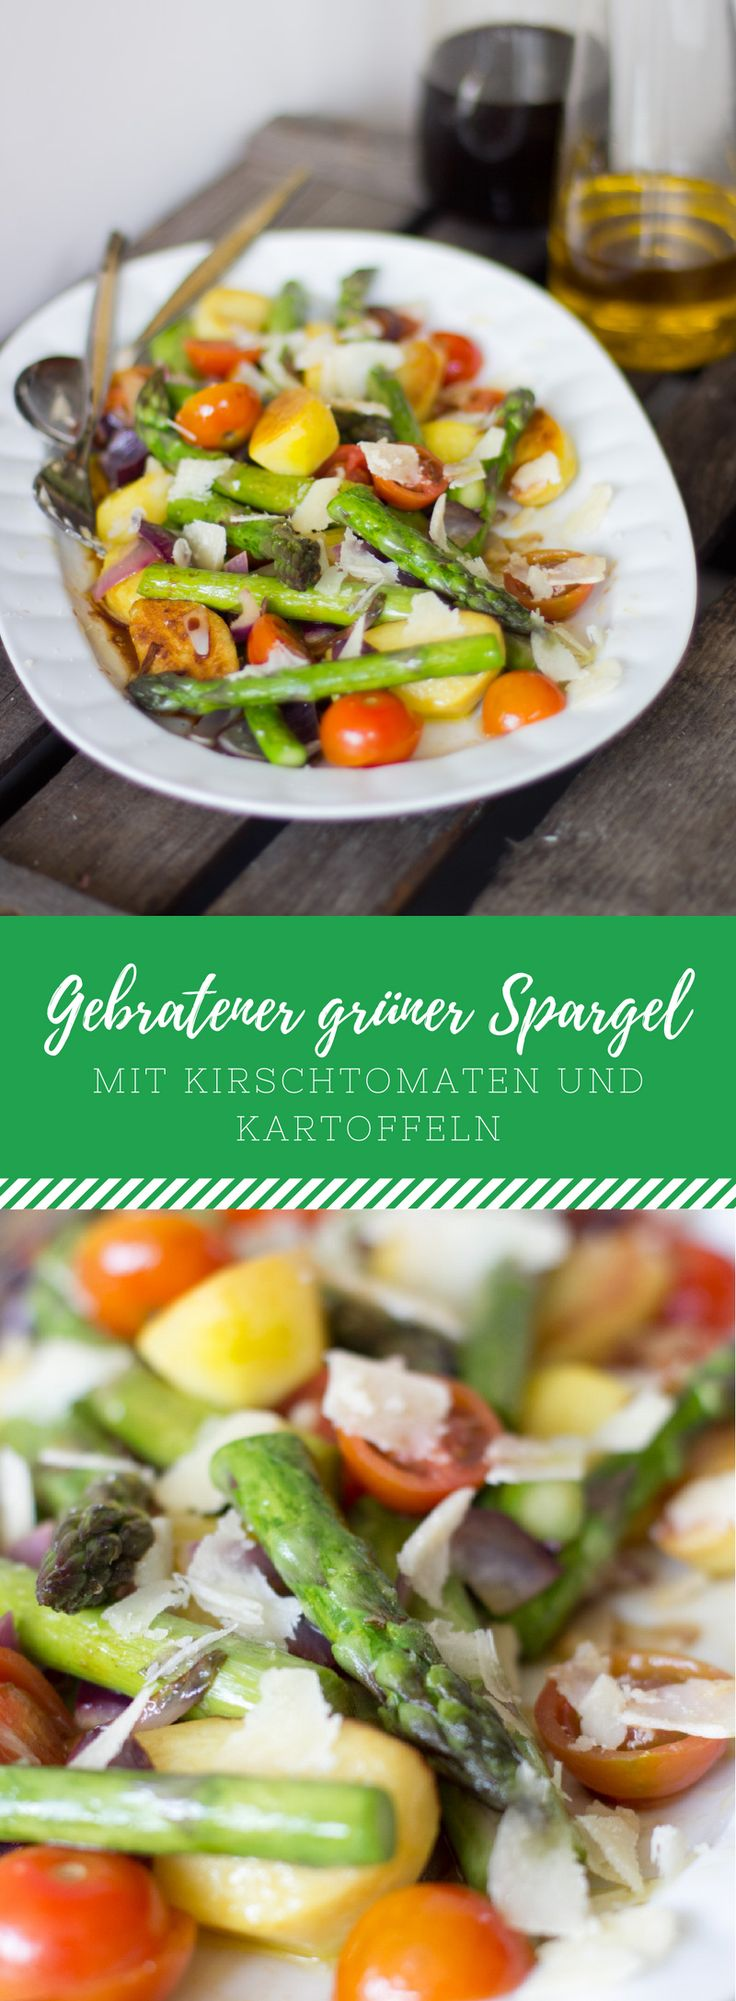 Gebratener grüner Spargel mit Kirschtomaten, Kartoffeln und Parmesan. Das perfekte Rezept zum schnellen Kochen im Frühling